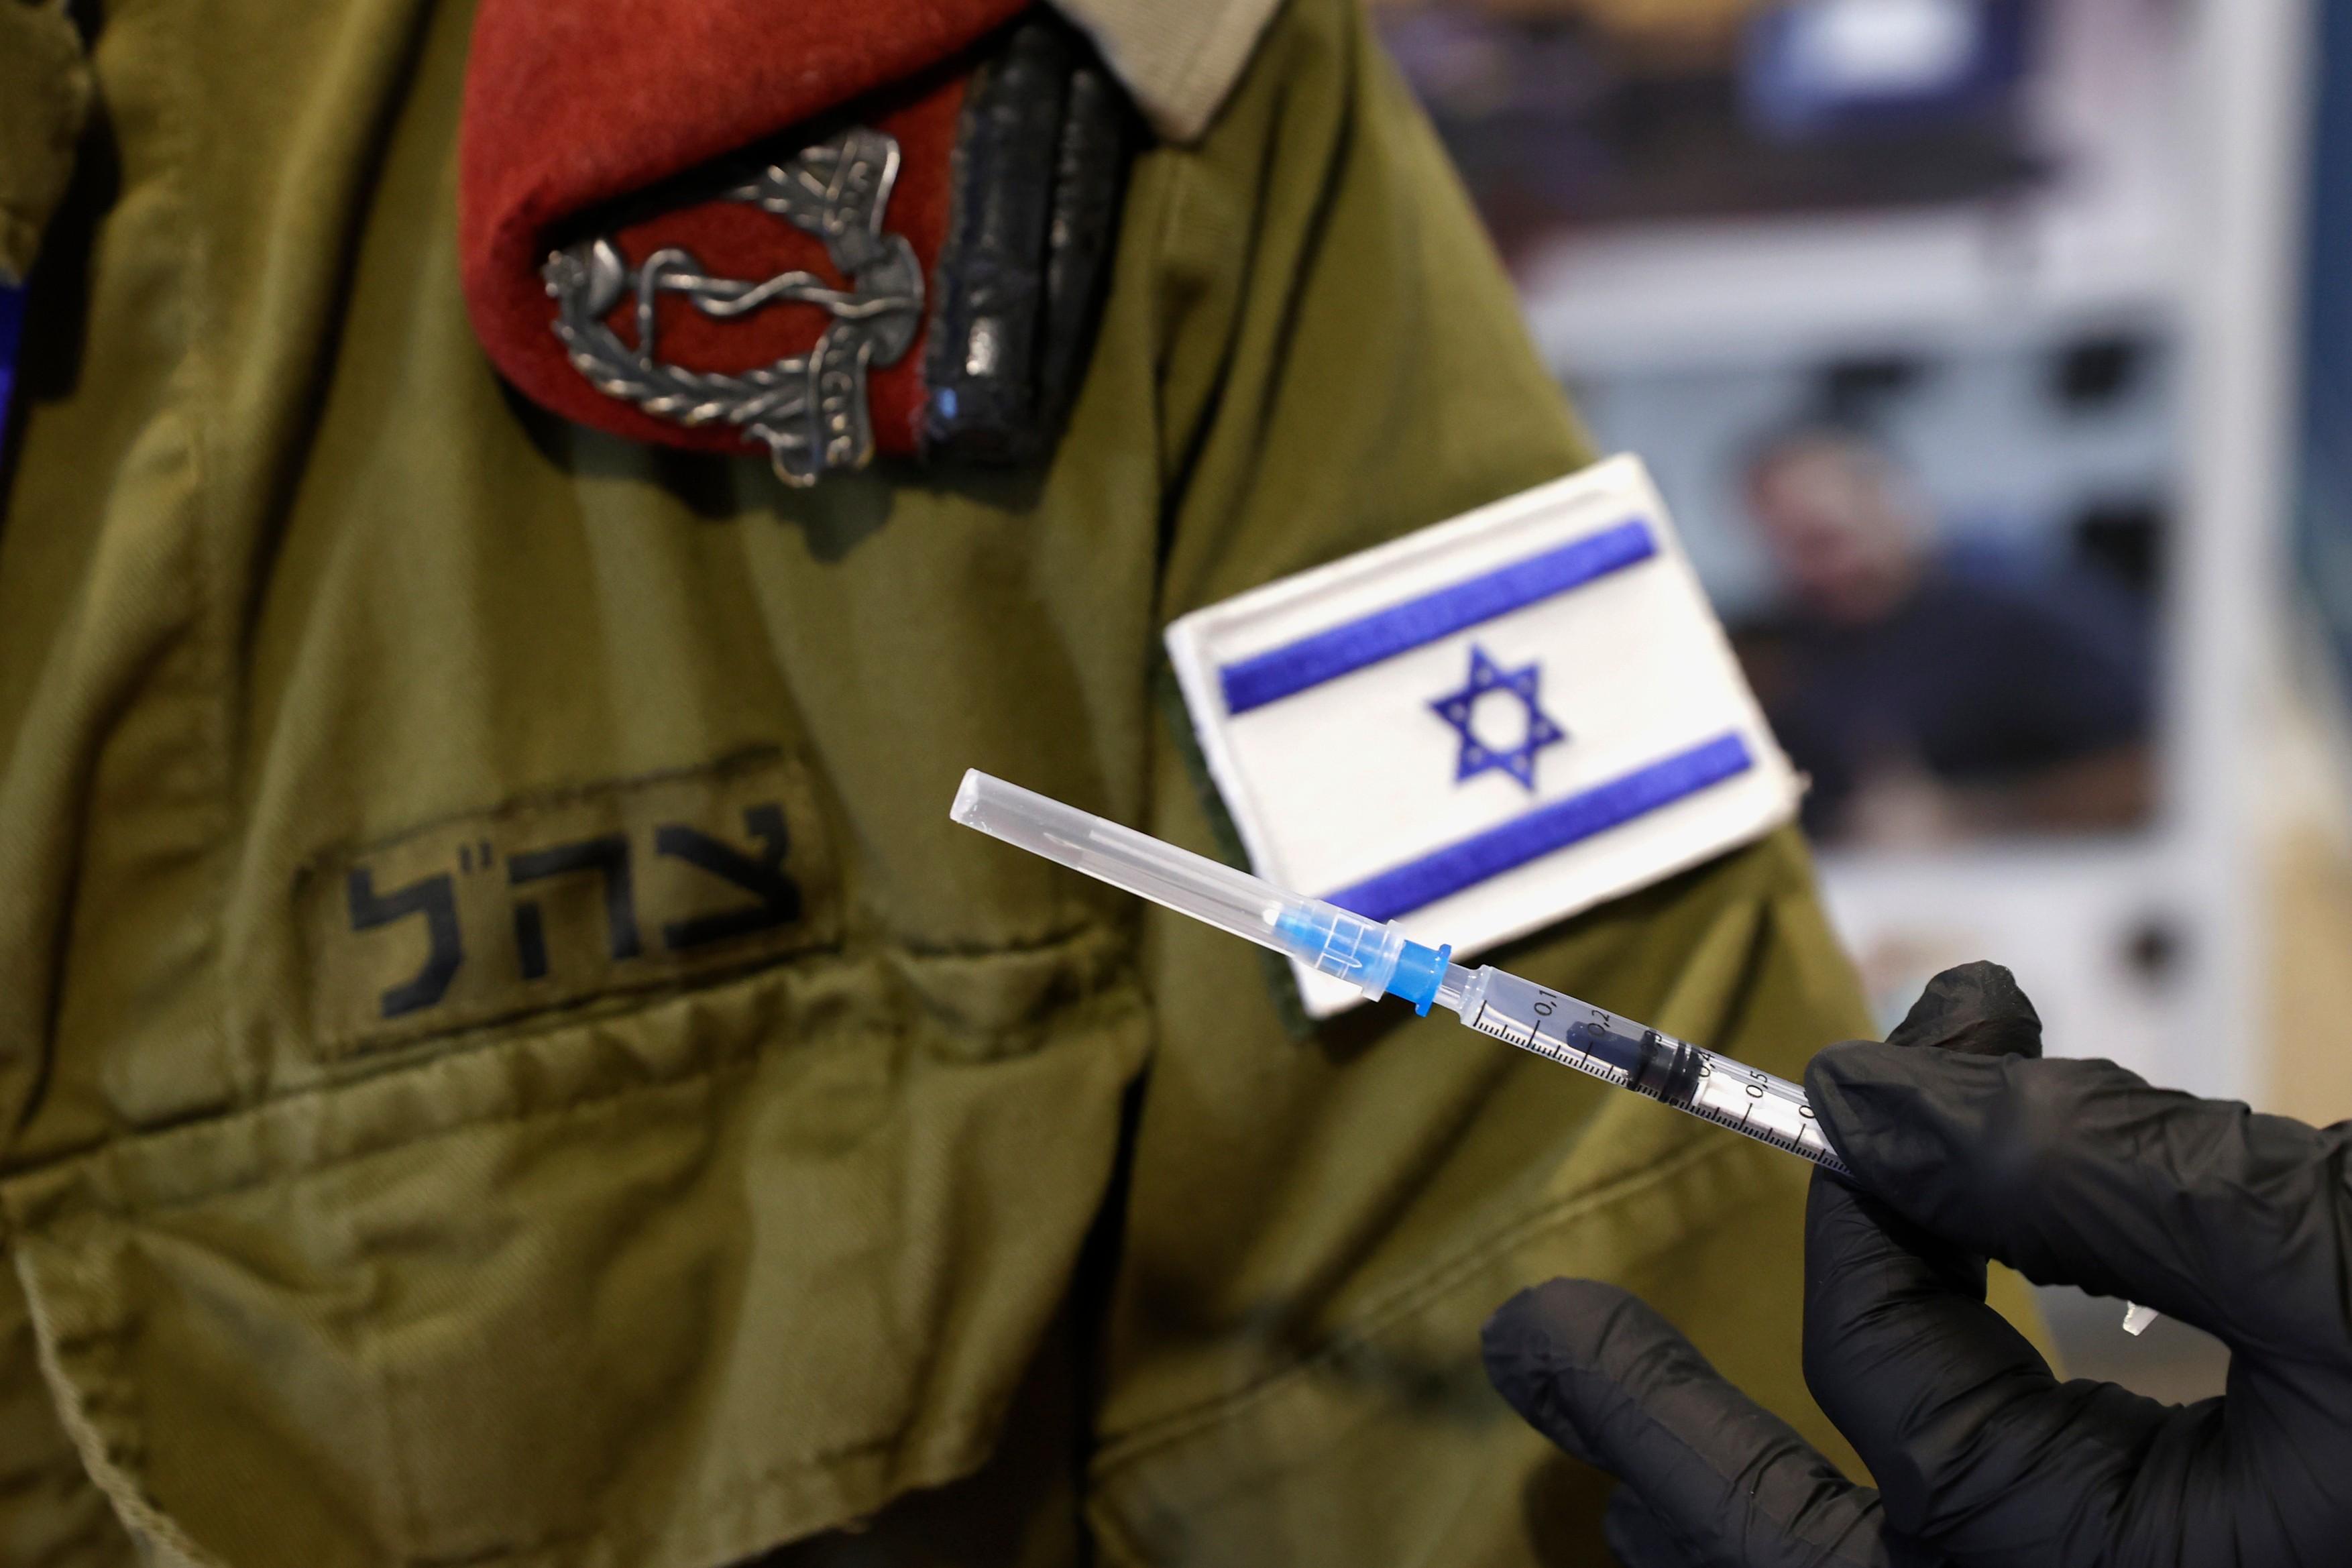 Liber la călătorii în Israel pentru cei vaccinaţi. Când intră în vigoare prevederea